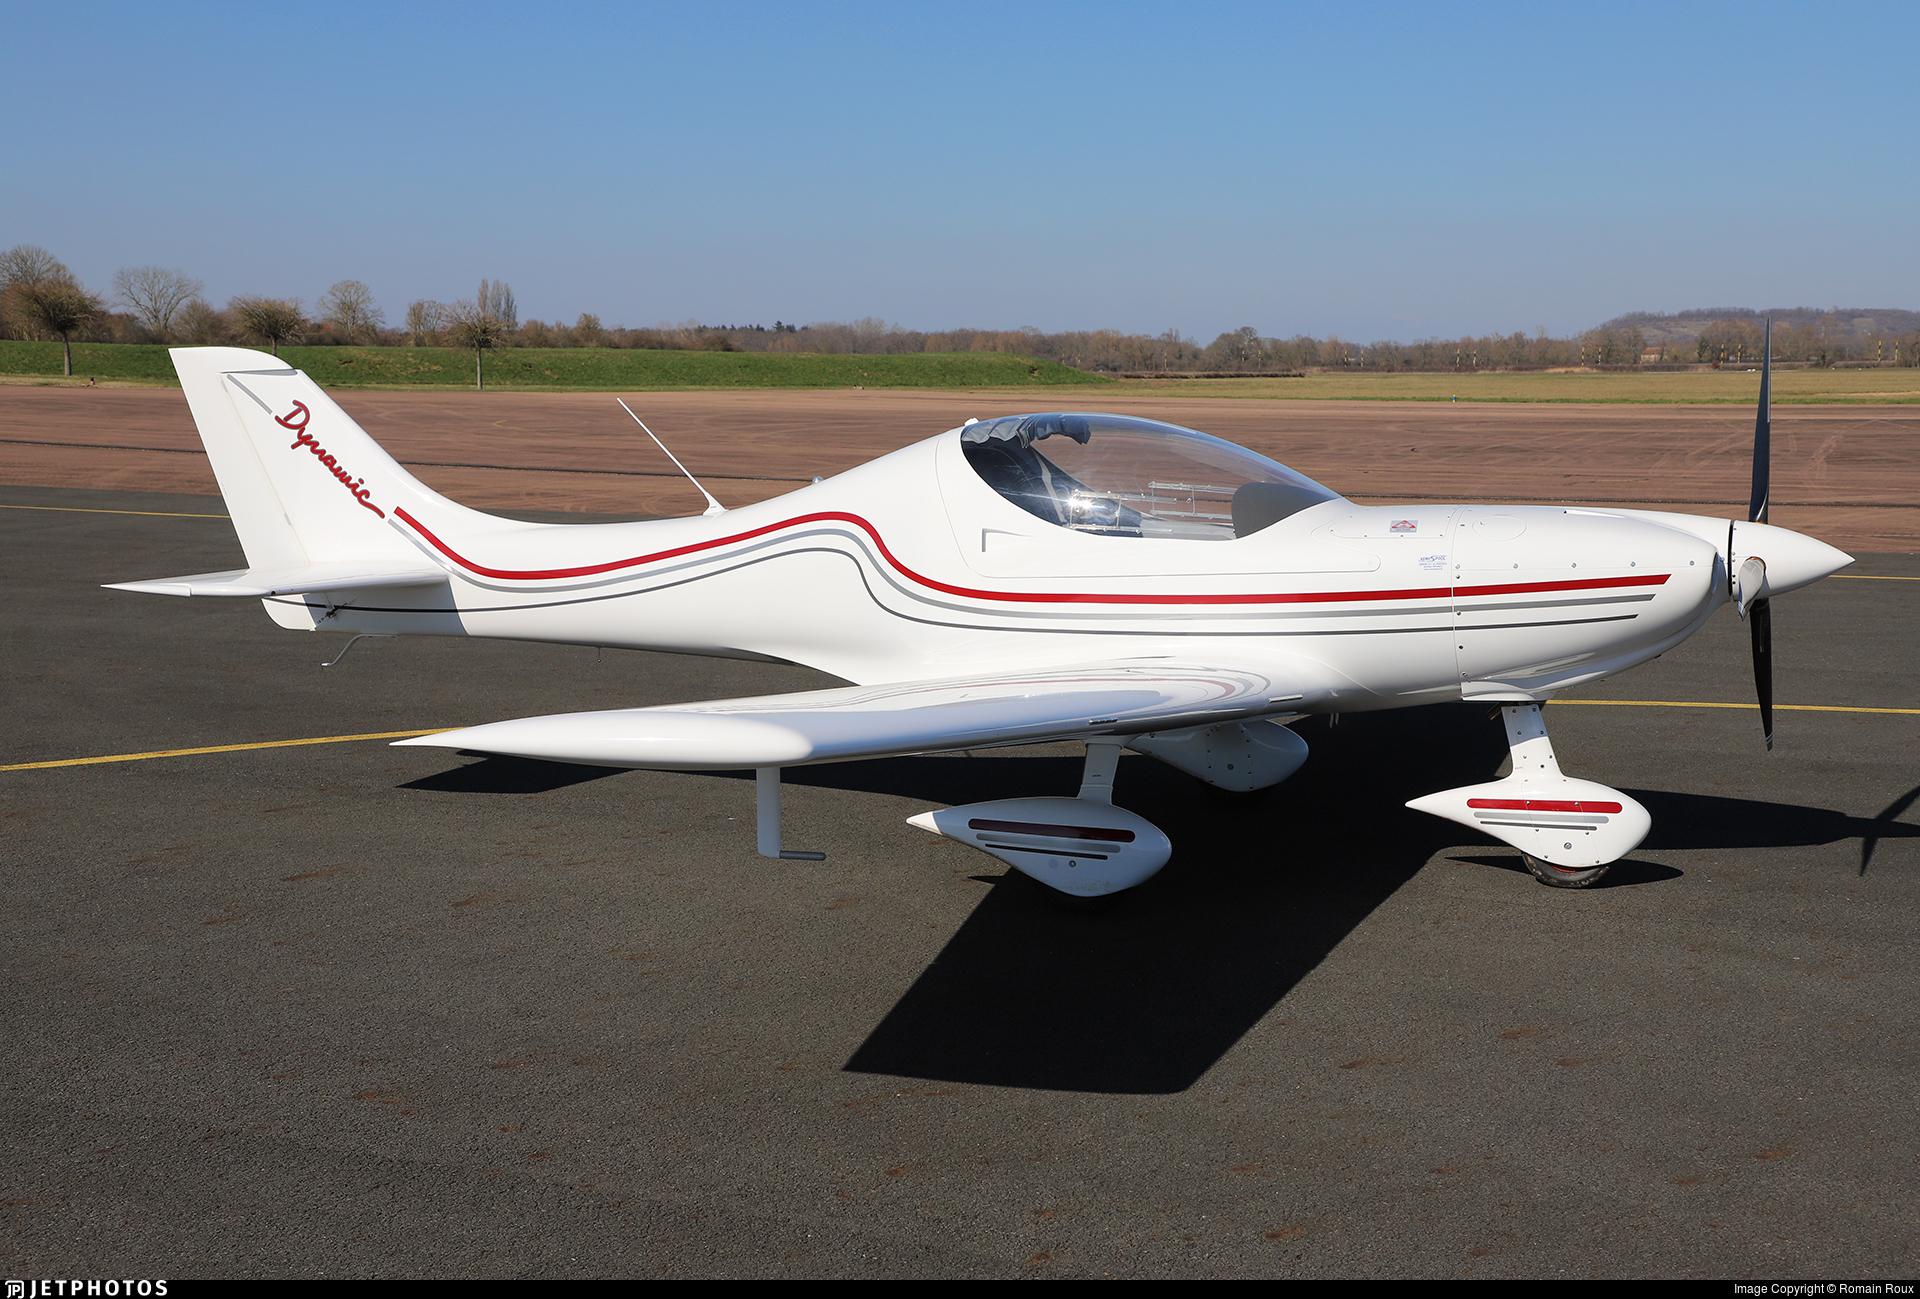 F-JHKZ - AeroSpool Dynamic WT9 - Private